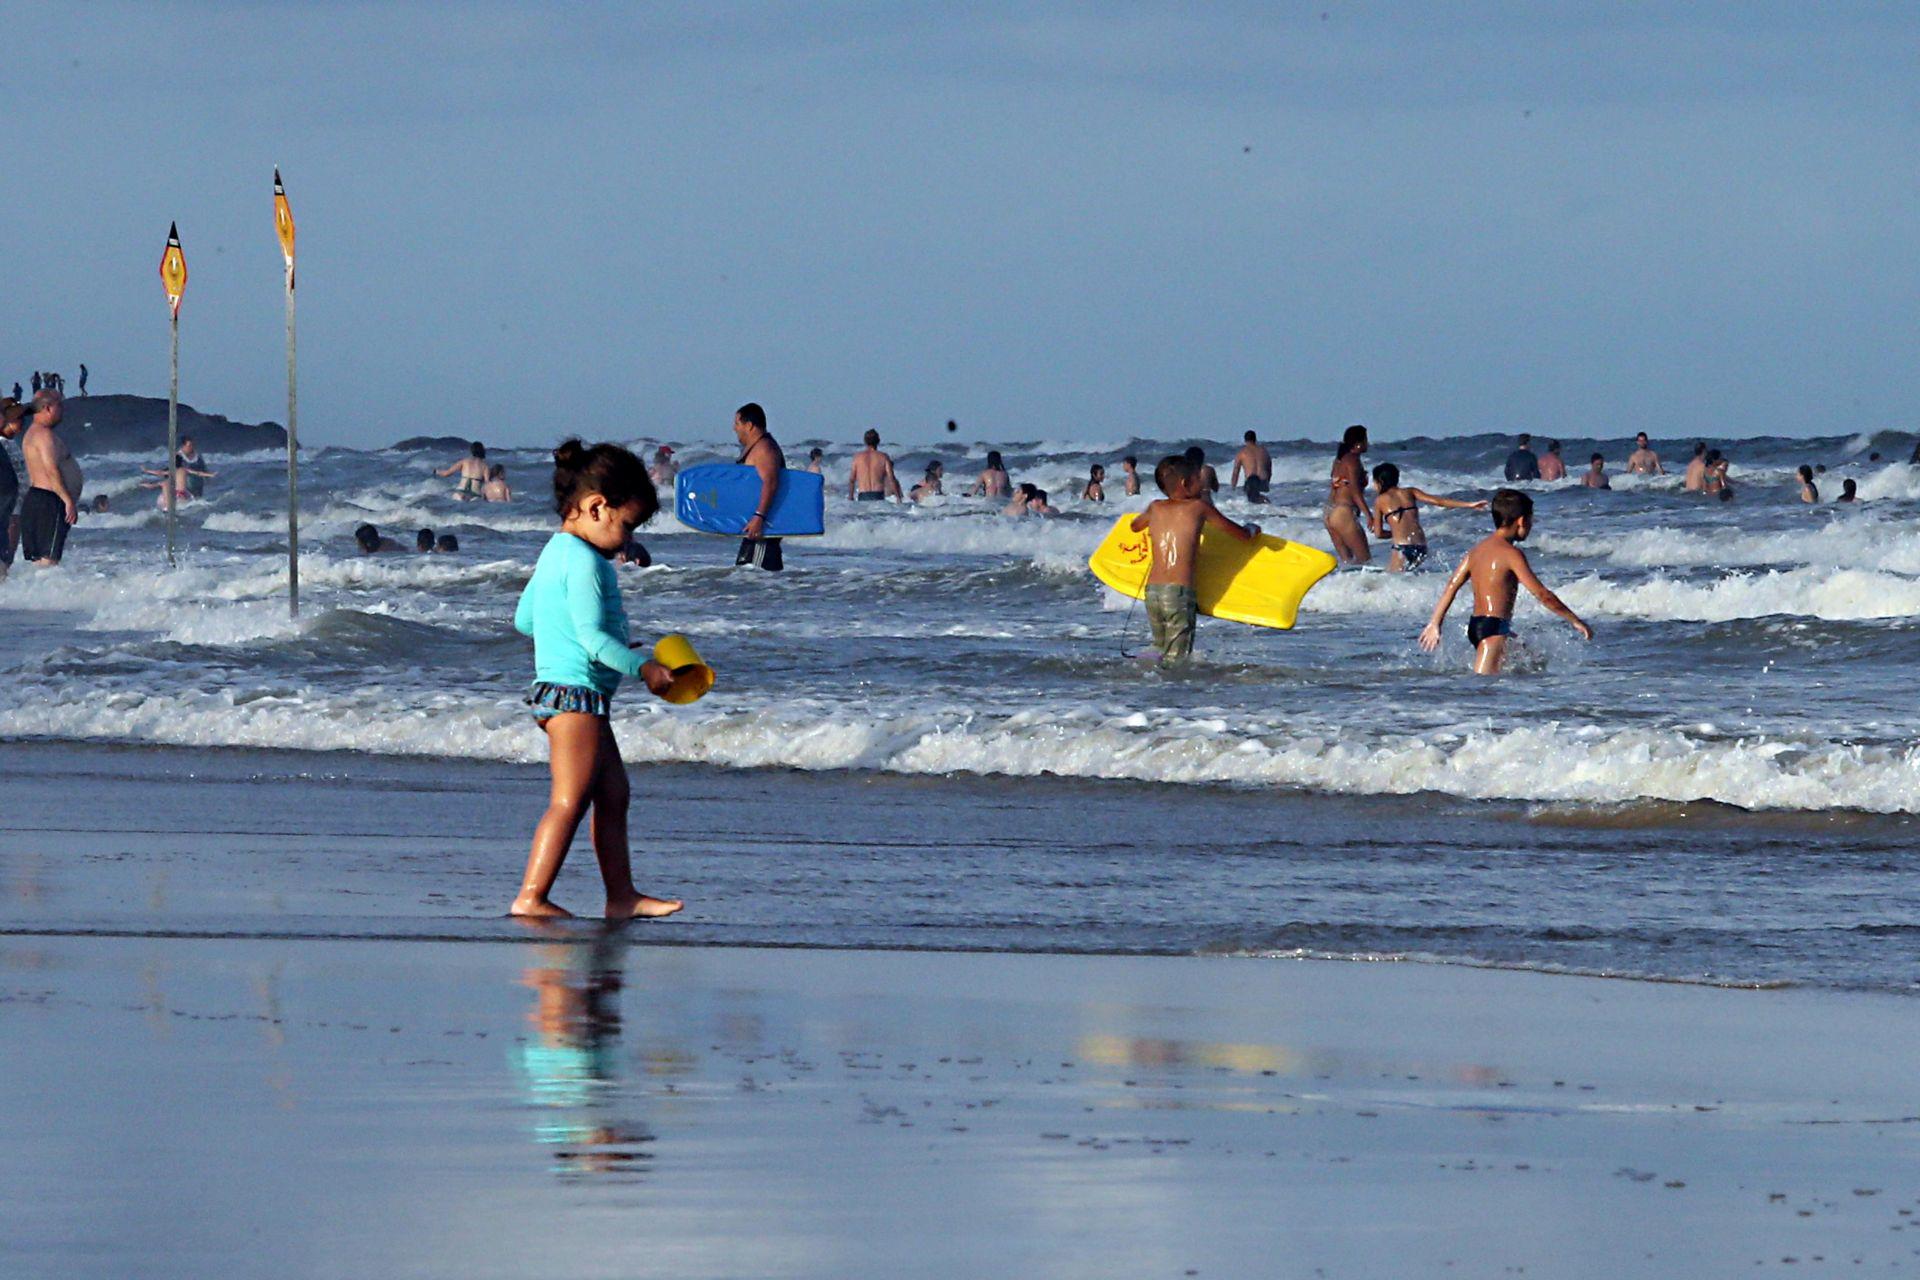 Dica de especialistas é observar entorno na praia para prever possíveis acidentes. (Foto: Albari Rosa / Gazeta do Povo)